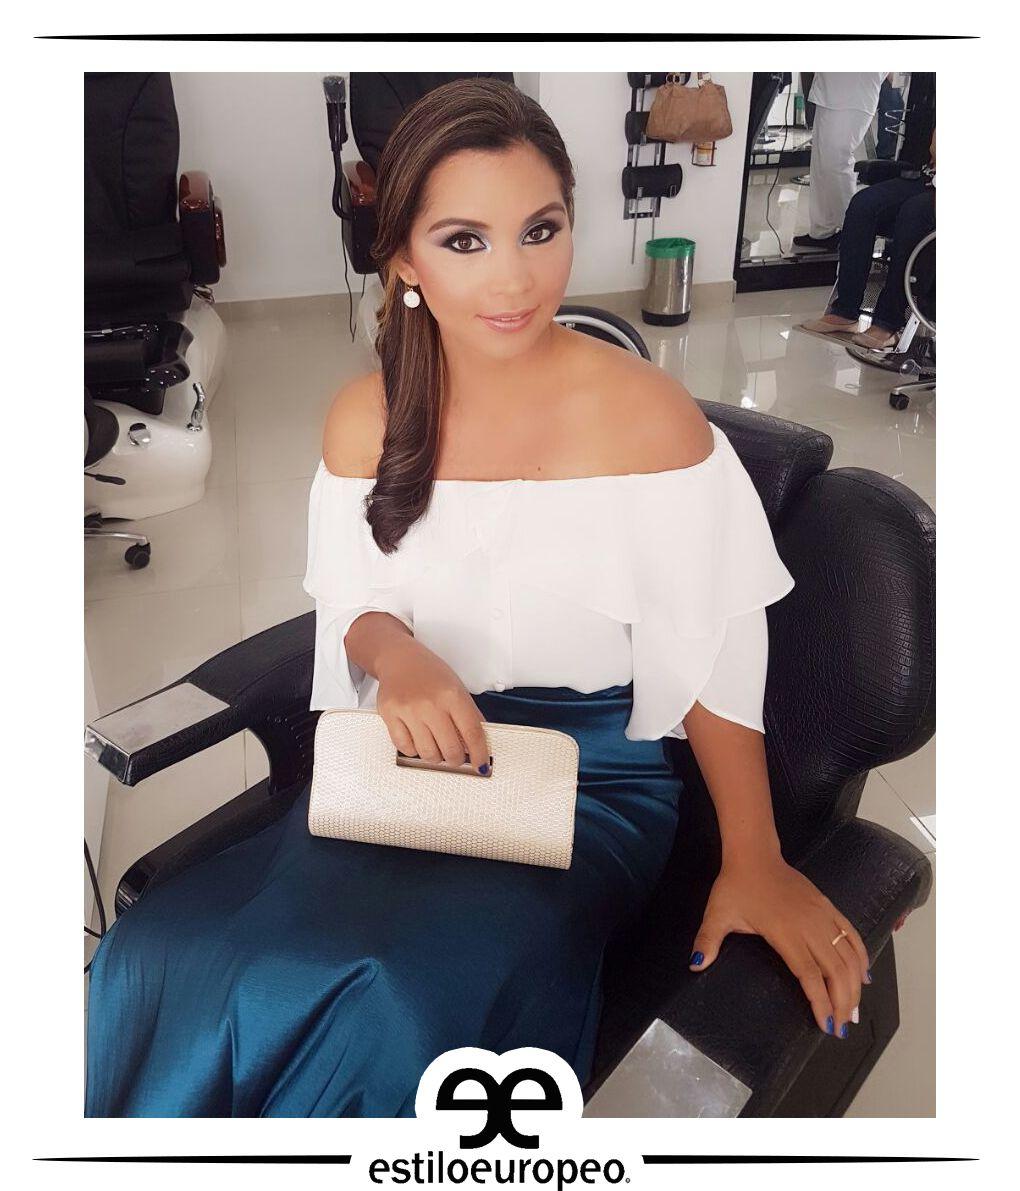 Si tu evento es de día, un maquillaje suave en tonos tierra te darán un look sencillamente hermoso y elegante Visítanos: Cll 10 # 58-07 Sta Anita Citas: 3104444 #Peluquería #Estética #SPA #Cali #CaliCo